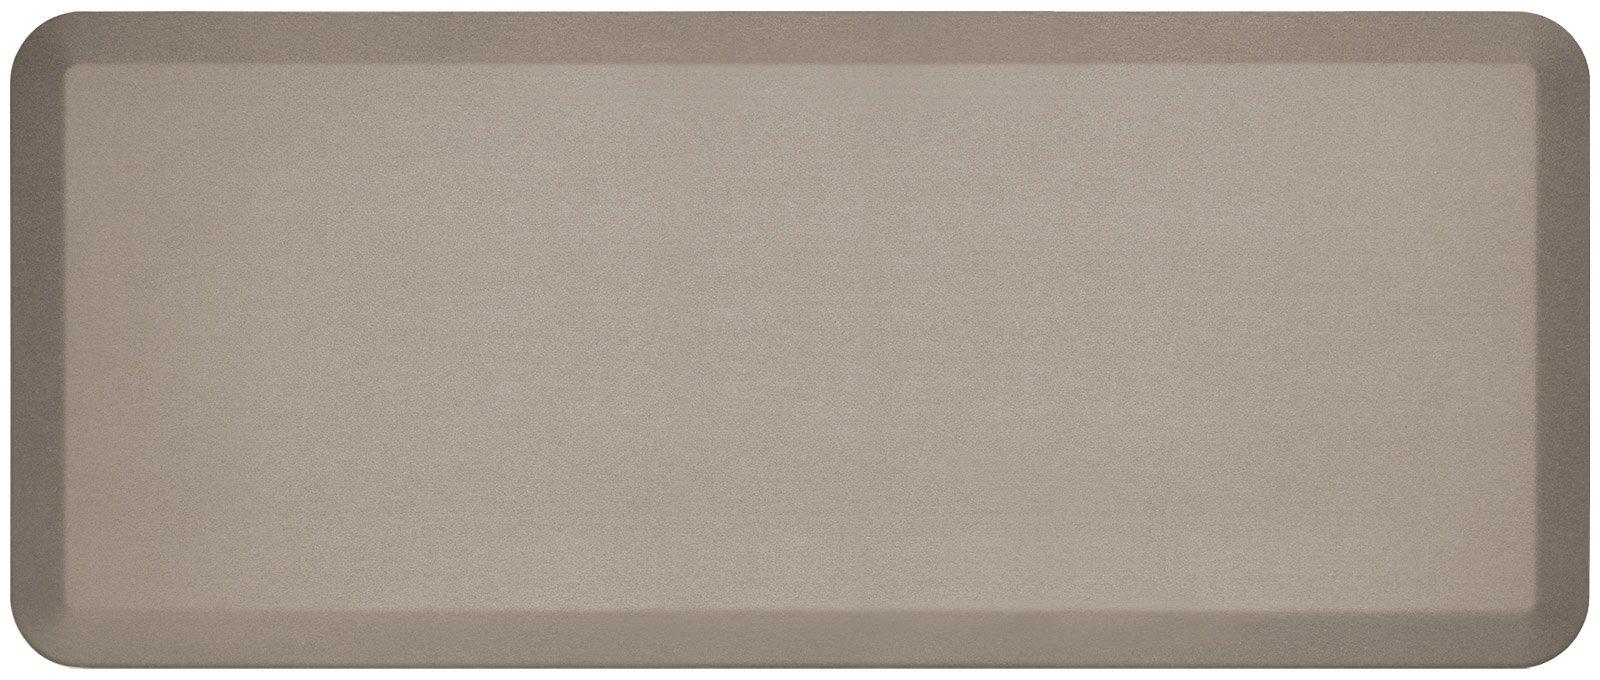 NewLife Eco-Pro Medical Anti-Fatigue Floor Mat - Size 20